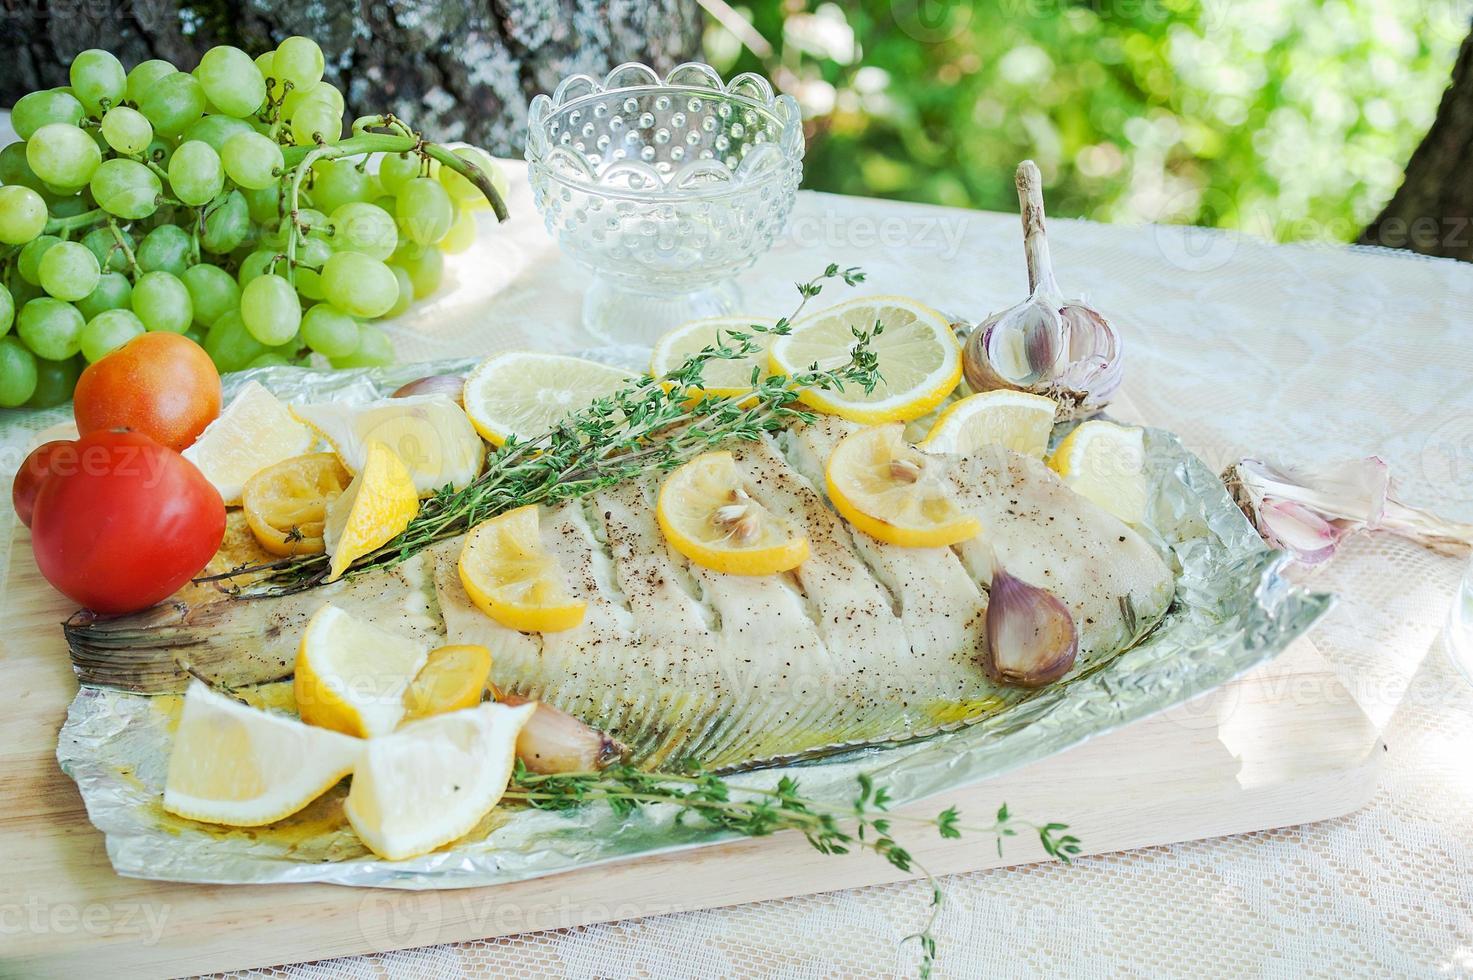 almoço com linguado de peixe ao ar livre de estilo mediterrâneo foto